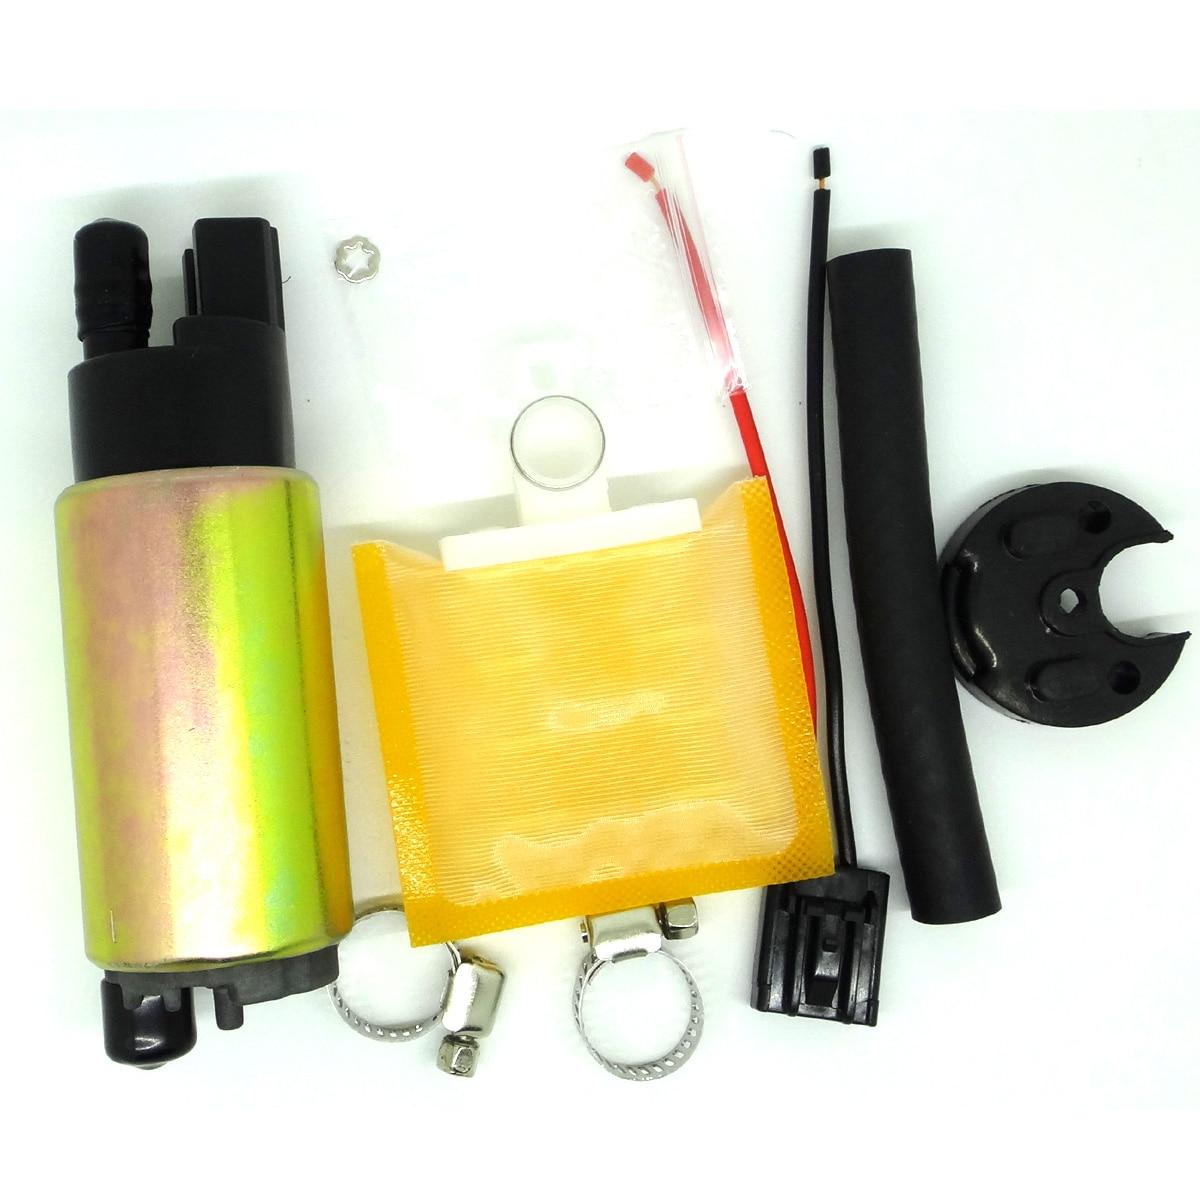 ปั๊มเชื้อเพลิง+เต็มติดตั้งชุด(น้ำมันหลอด+ท่อC Lamps +กรอง+ยางCap)ฮยอนไดL4 1.6L 2011ฮยอนไดสำเนียง